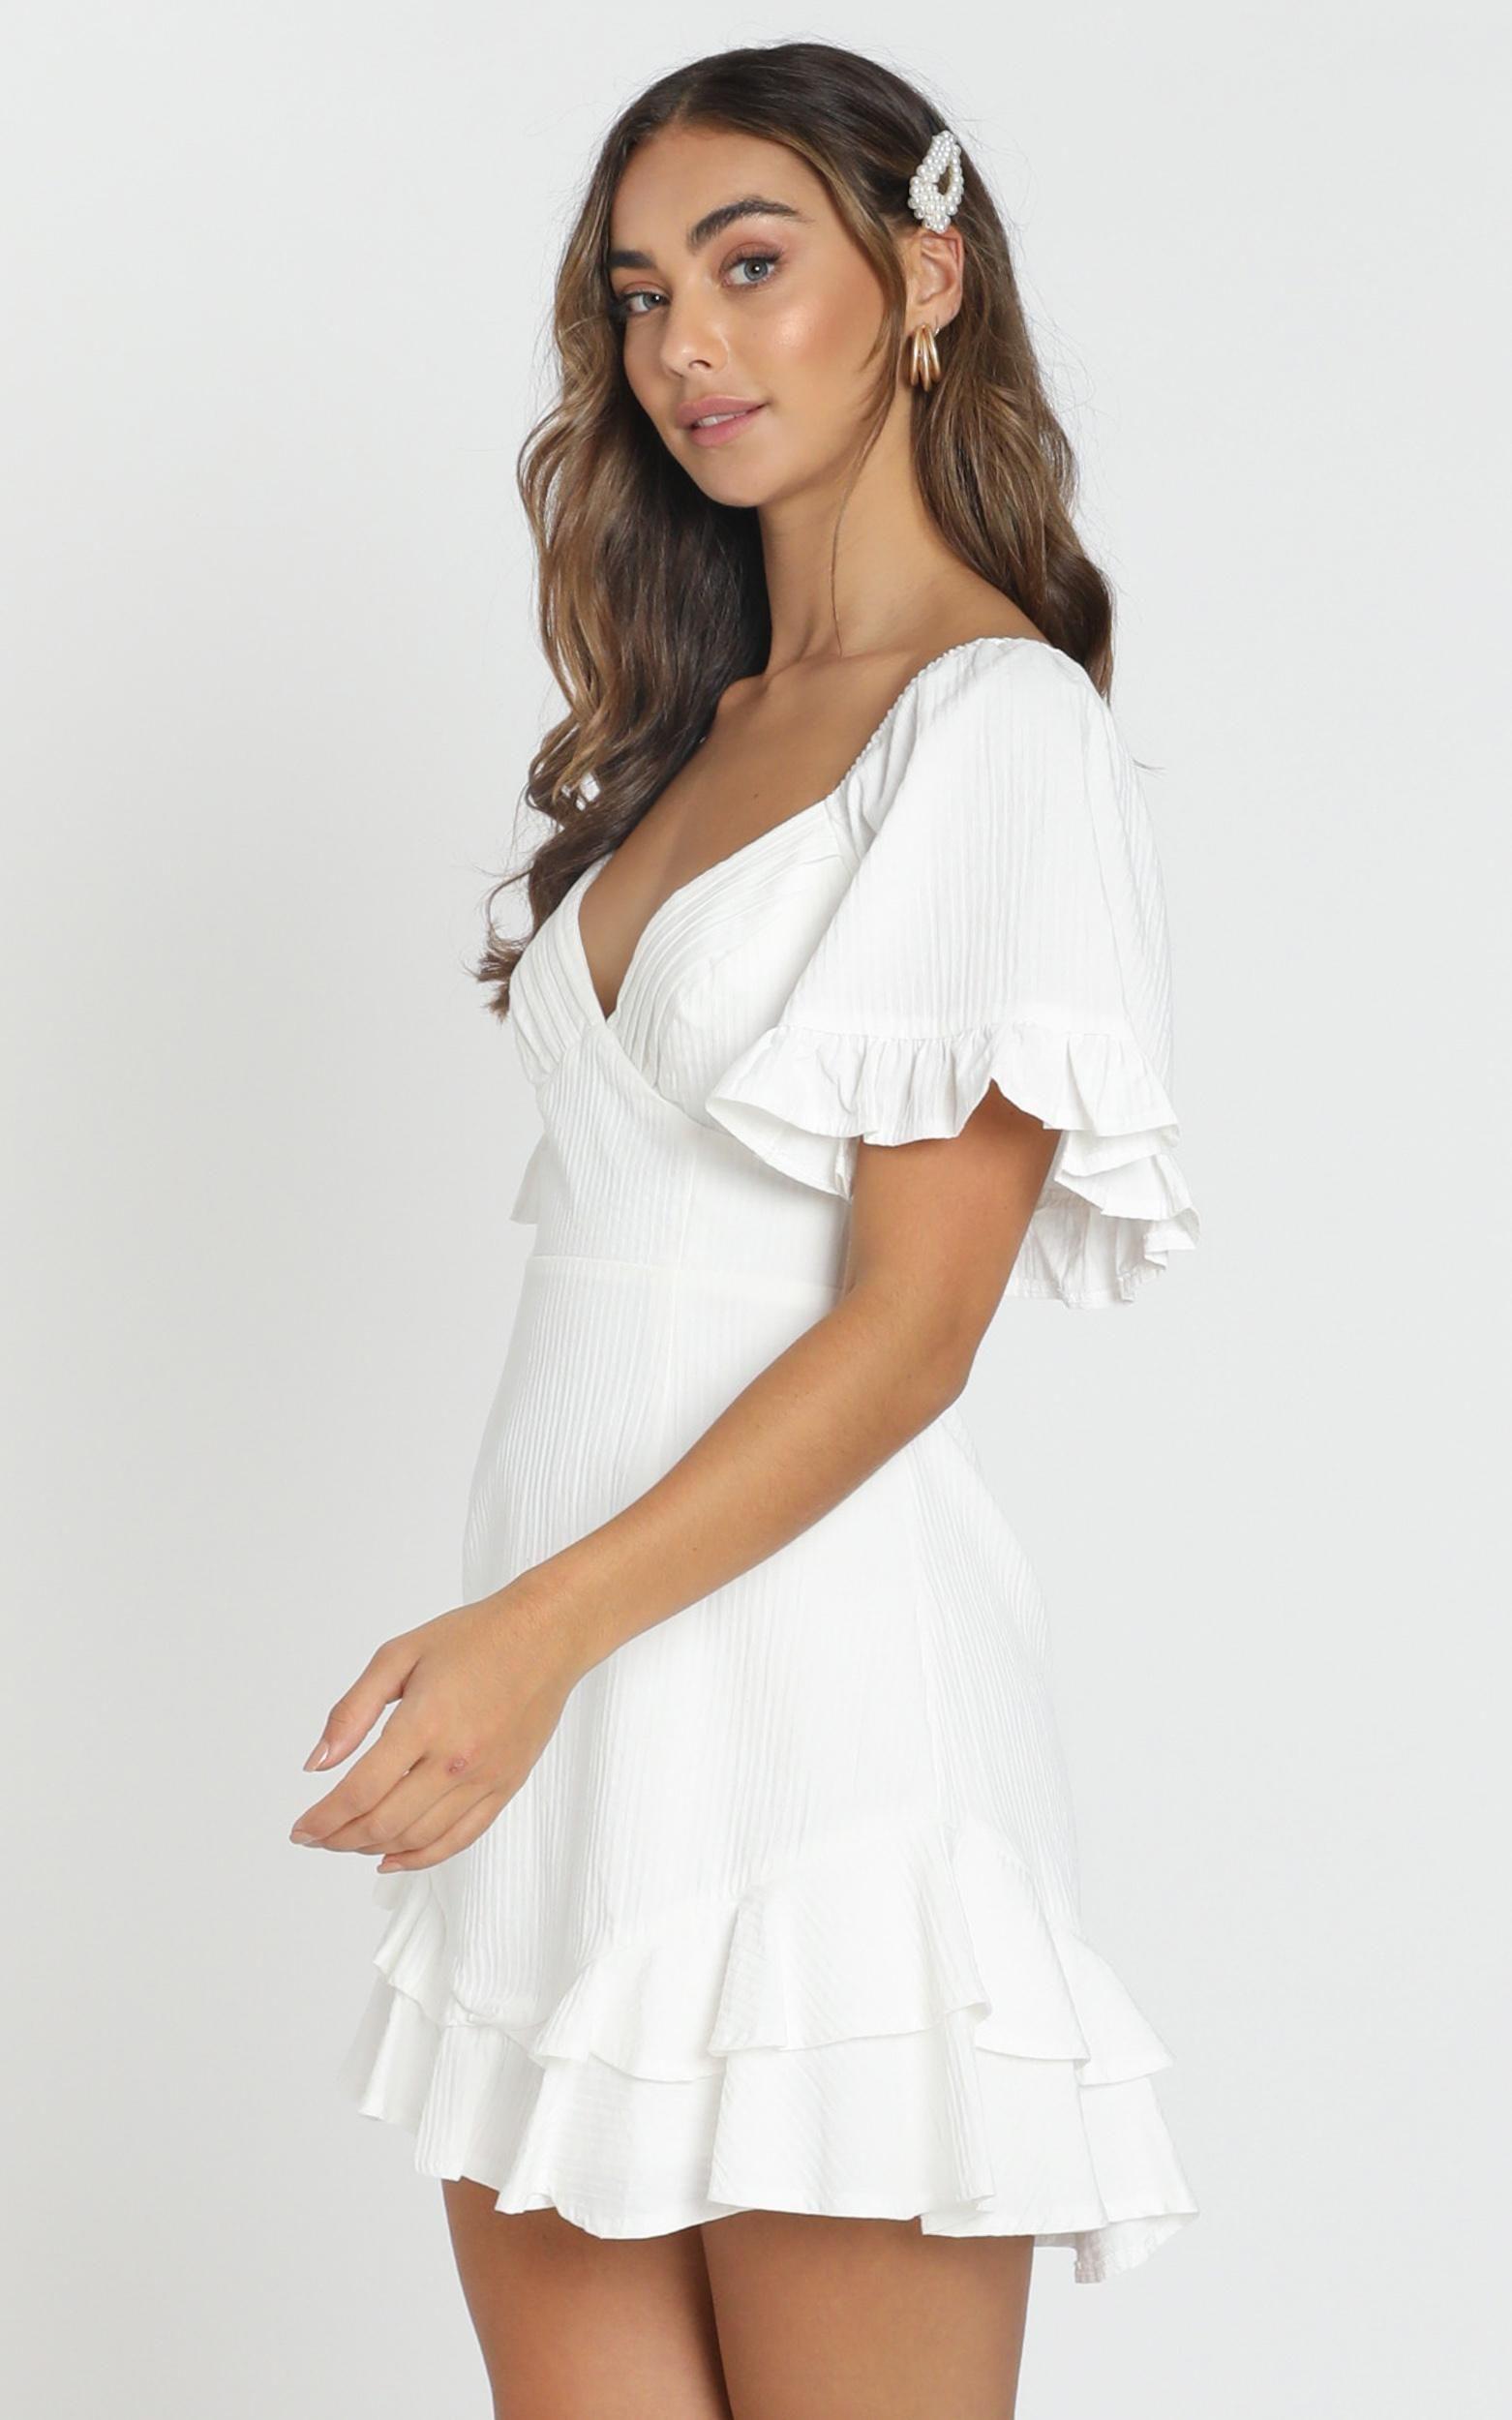 Hanna Mini Dress In White Showpo Cute White Dress White Short Dress Casual White Dress [ 2500 x 1562 Pixel ]